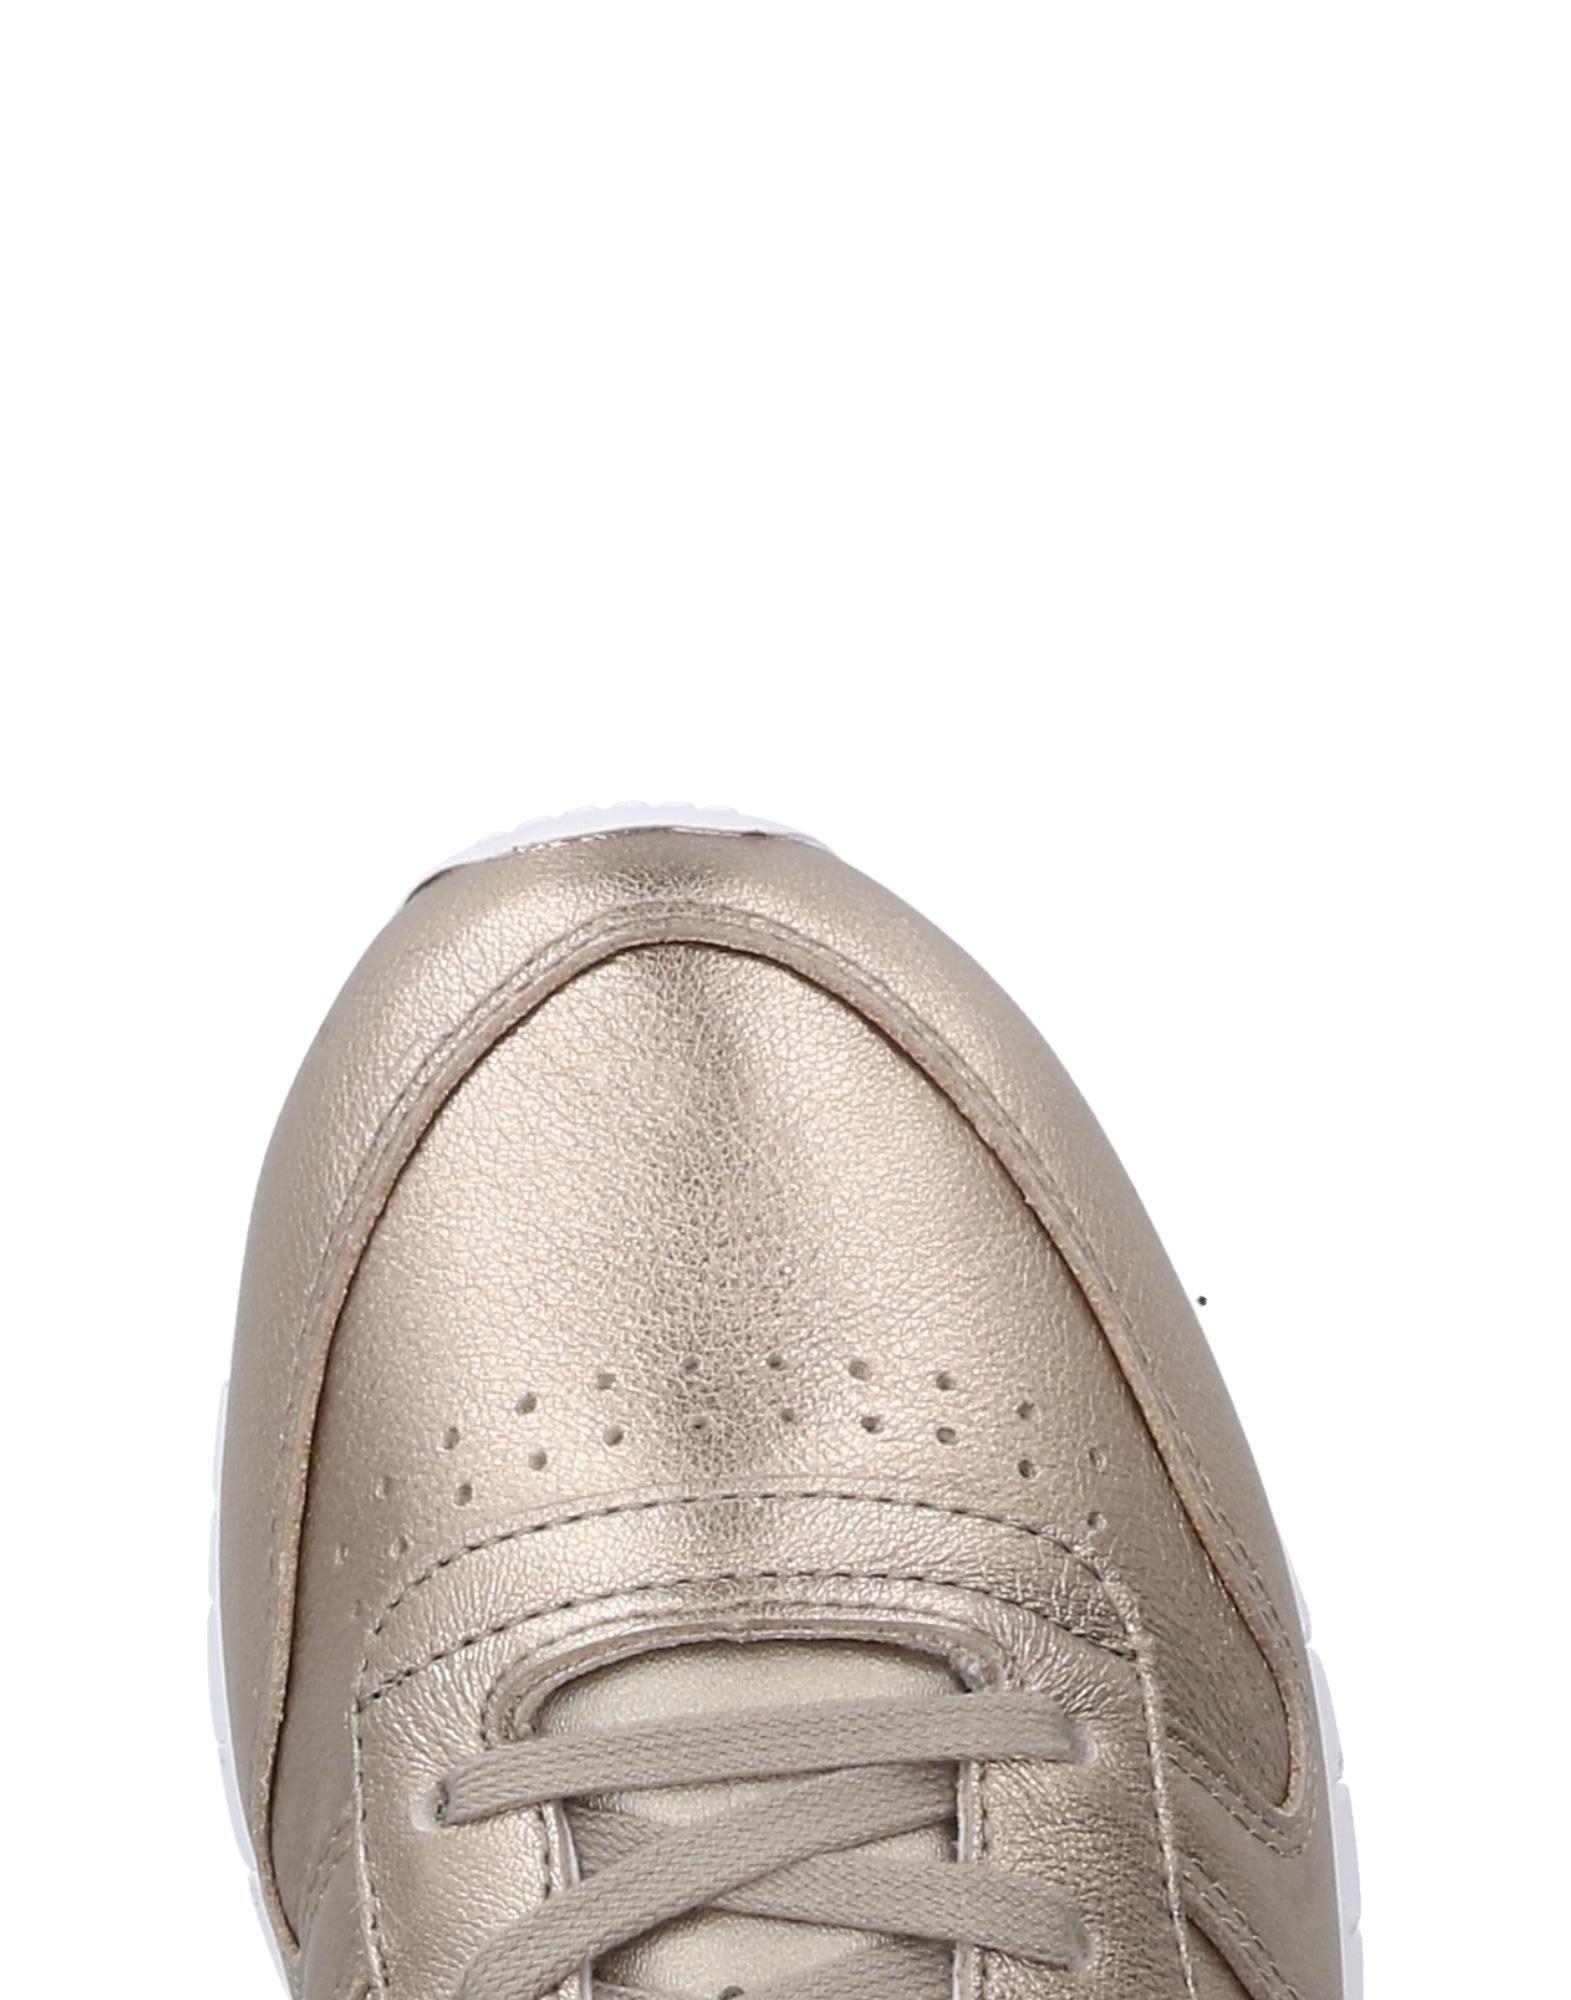 Reebok Sneakers Damen Qualität  11481260XE Gute Qualität Damen beliebte Schuhe 50a023